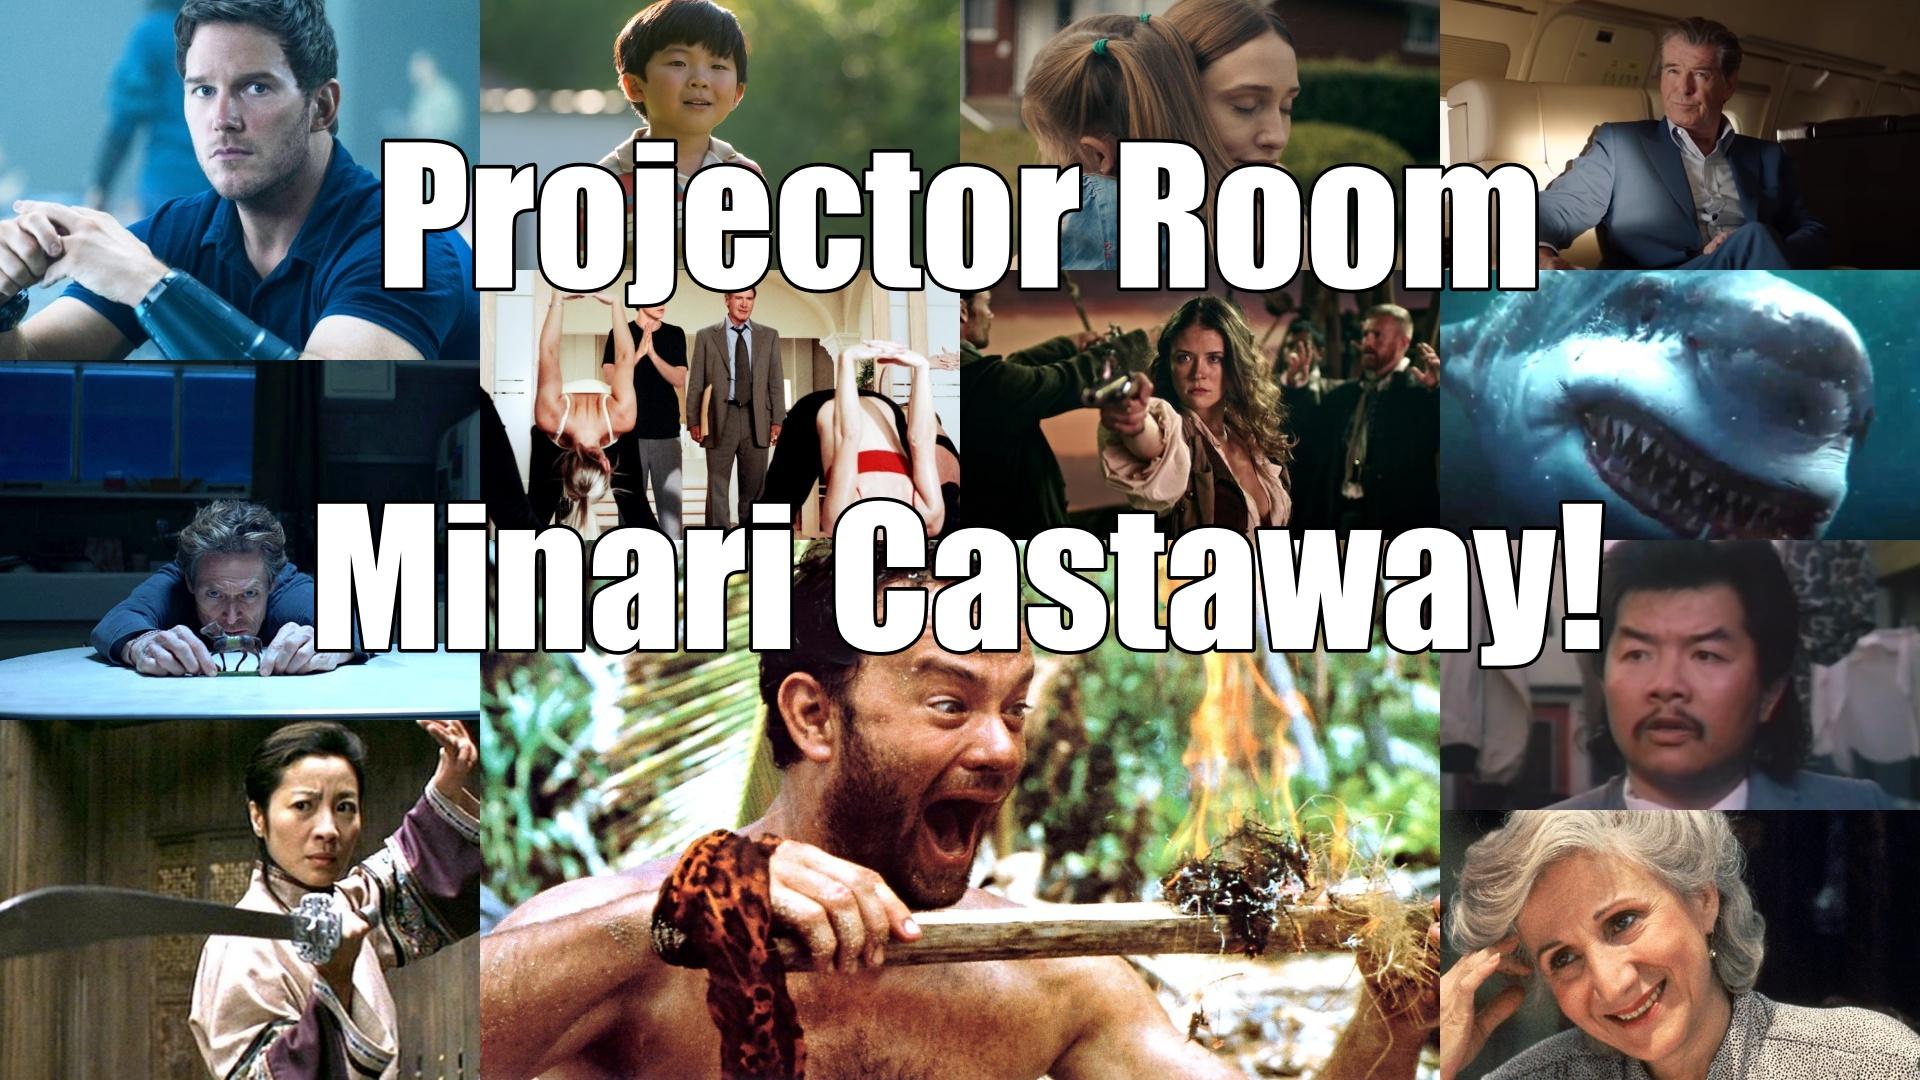 """Podcast: Projector Room #87 """" Minari Castaway! 05/05/2021"""